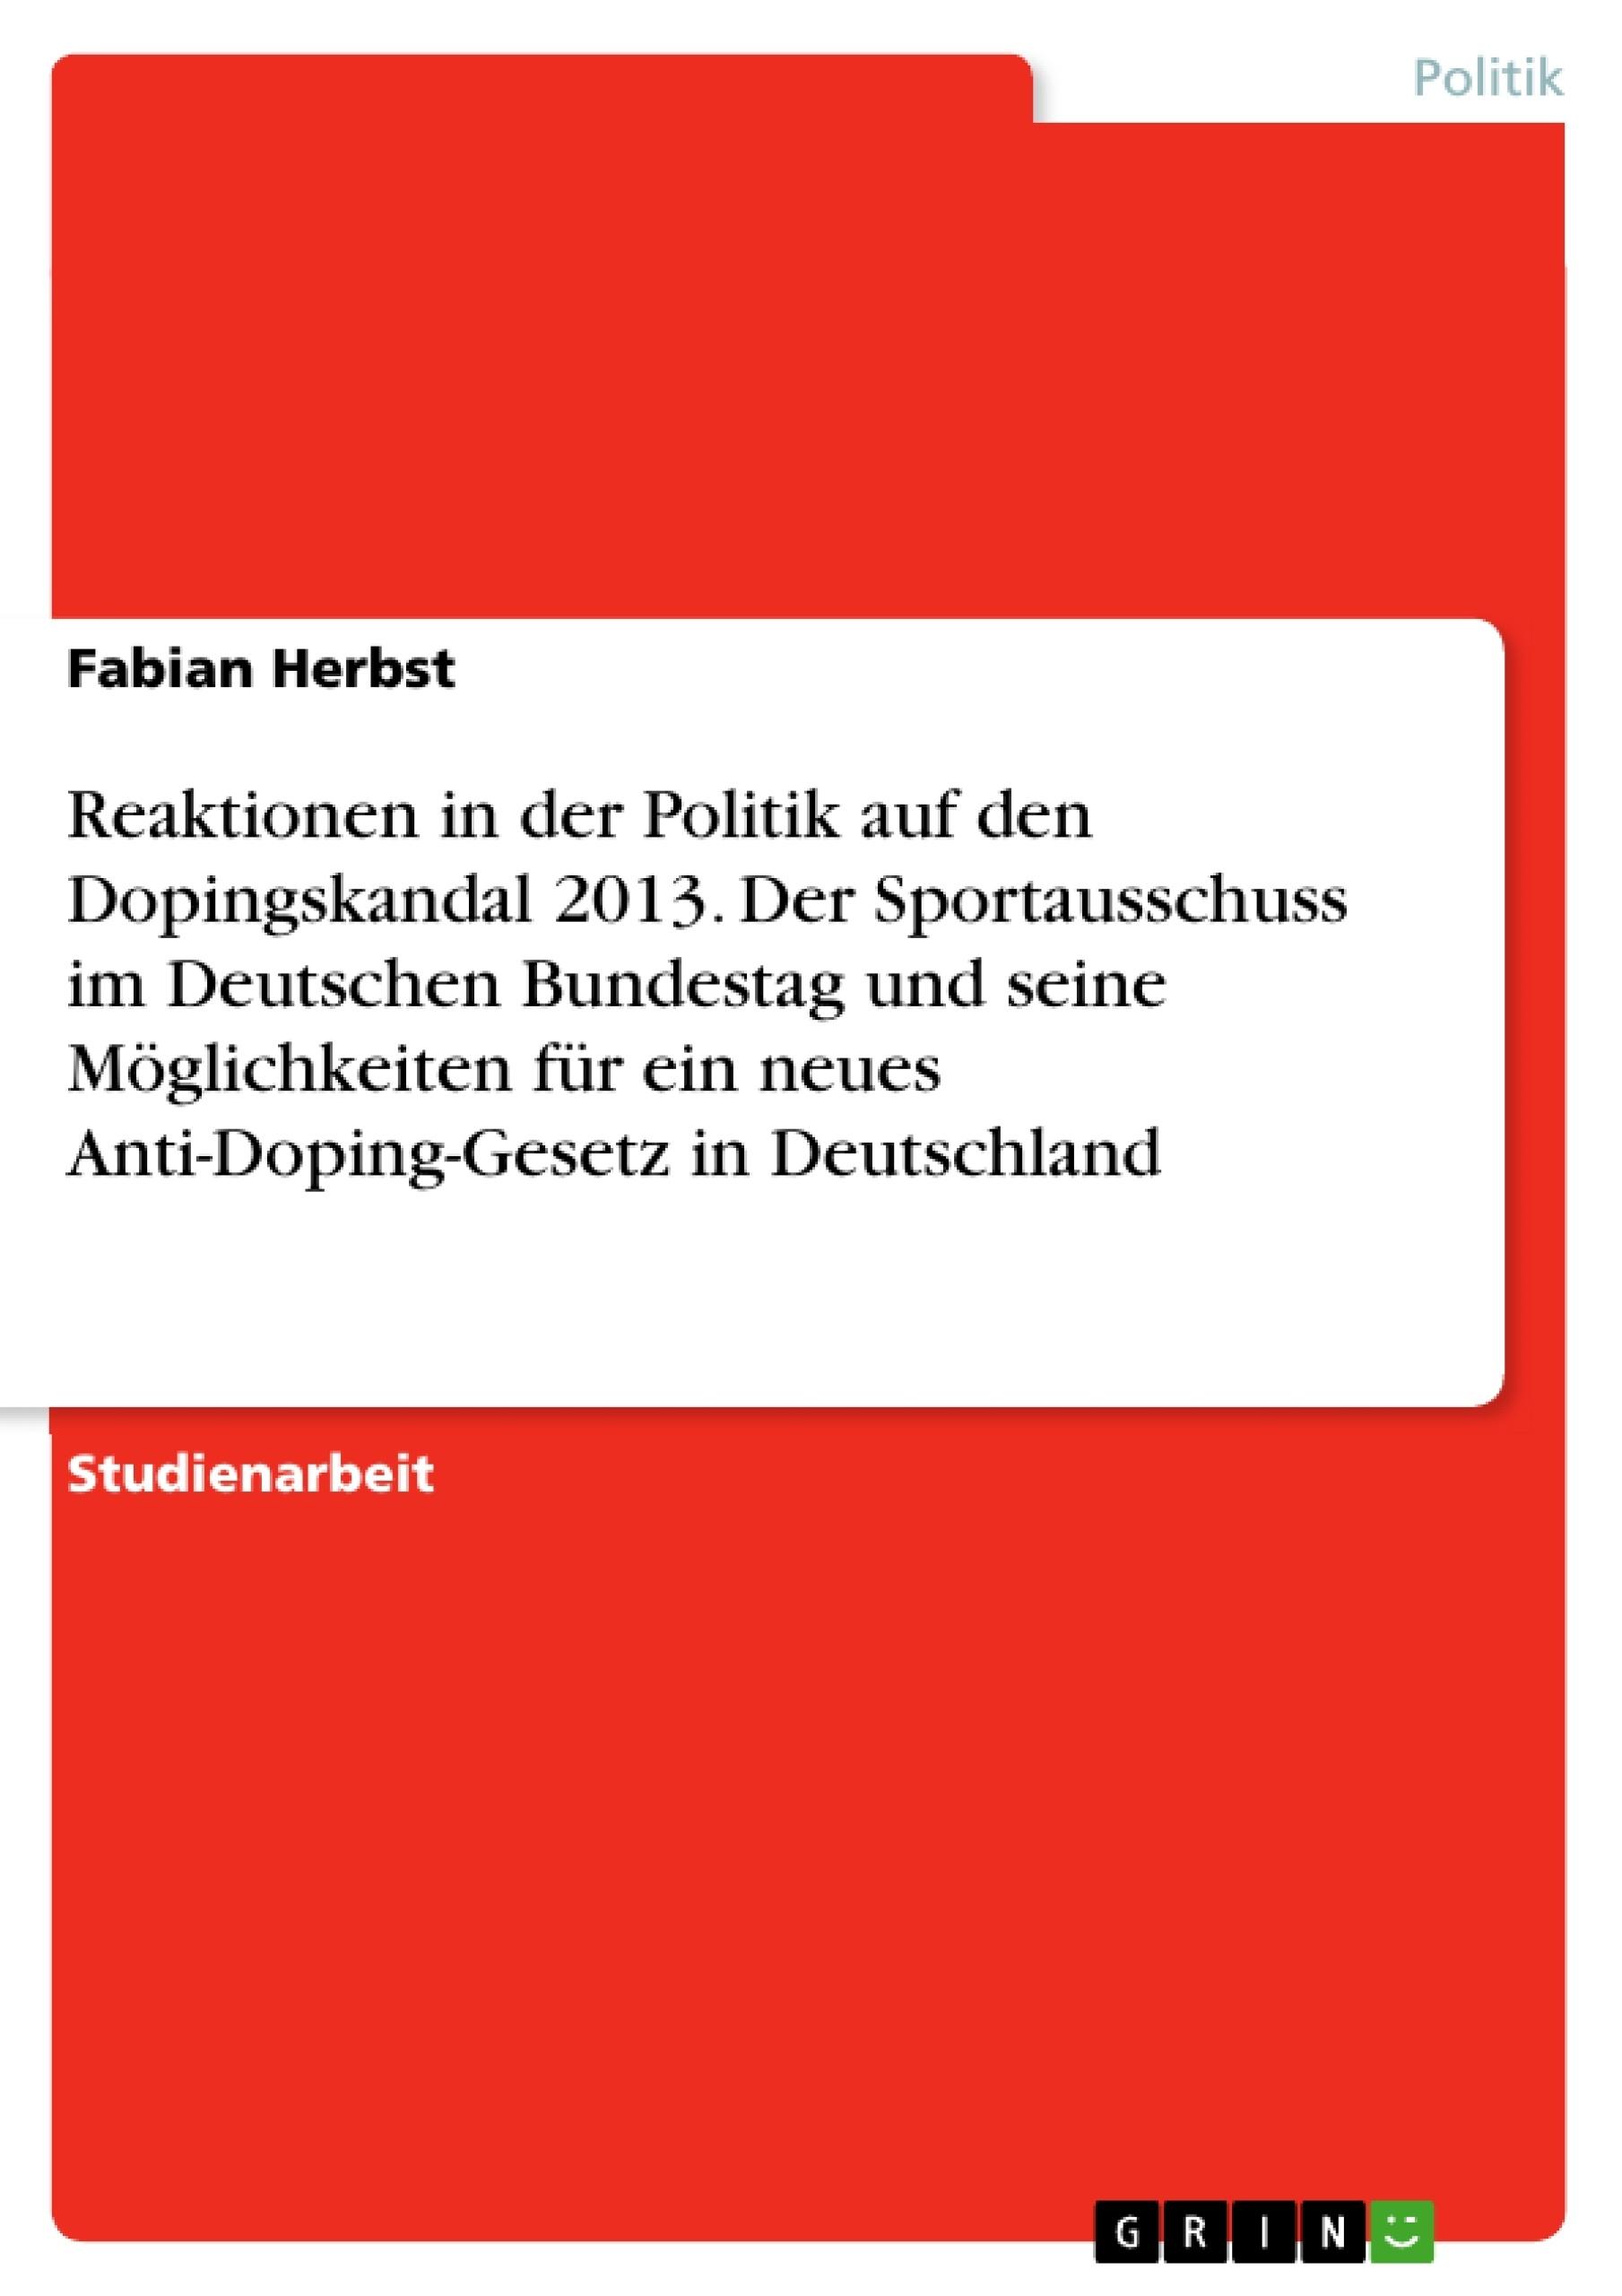 Titel: Reaktionen in der Politik auf den Dopingskandal 2013. Der Sportausschuss im Deutschen Bundestag und seine Möglichkeiten für ein neues Anti-Doping-Gesetz in Deutschland